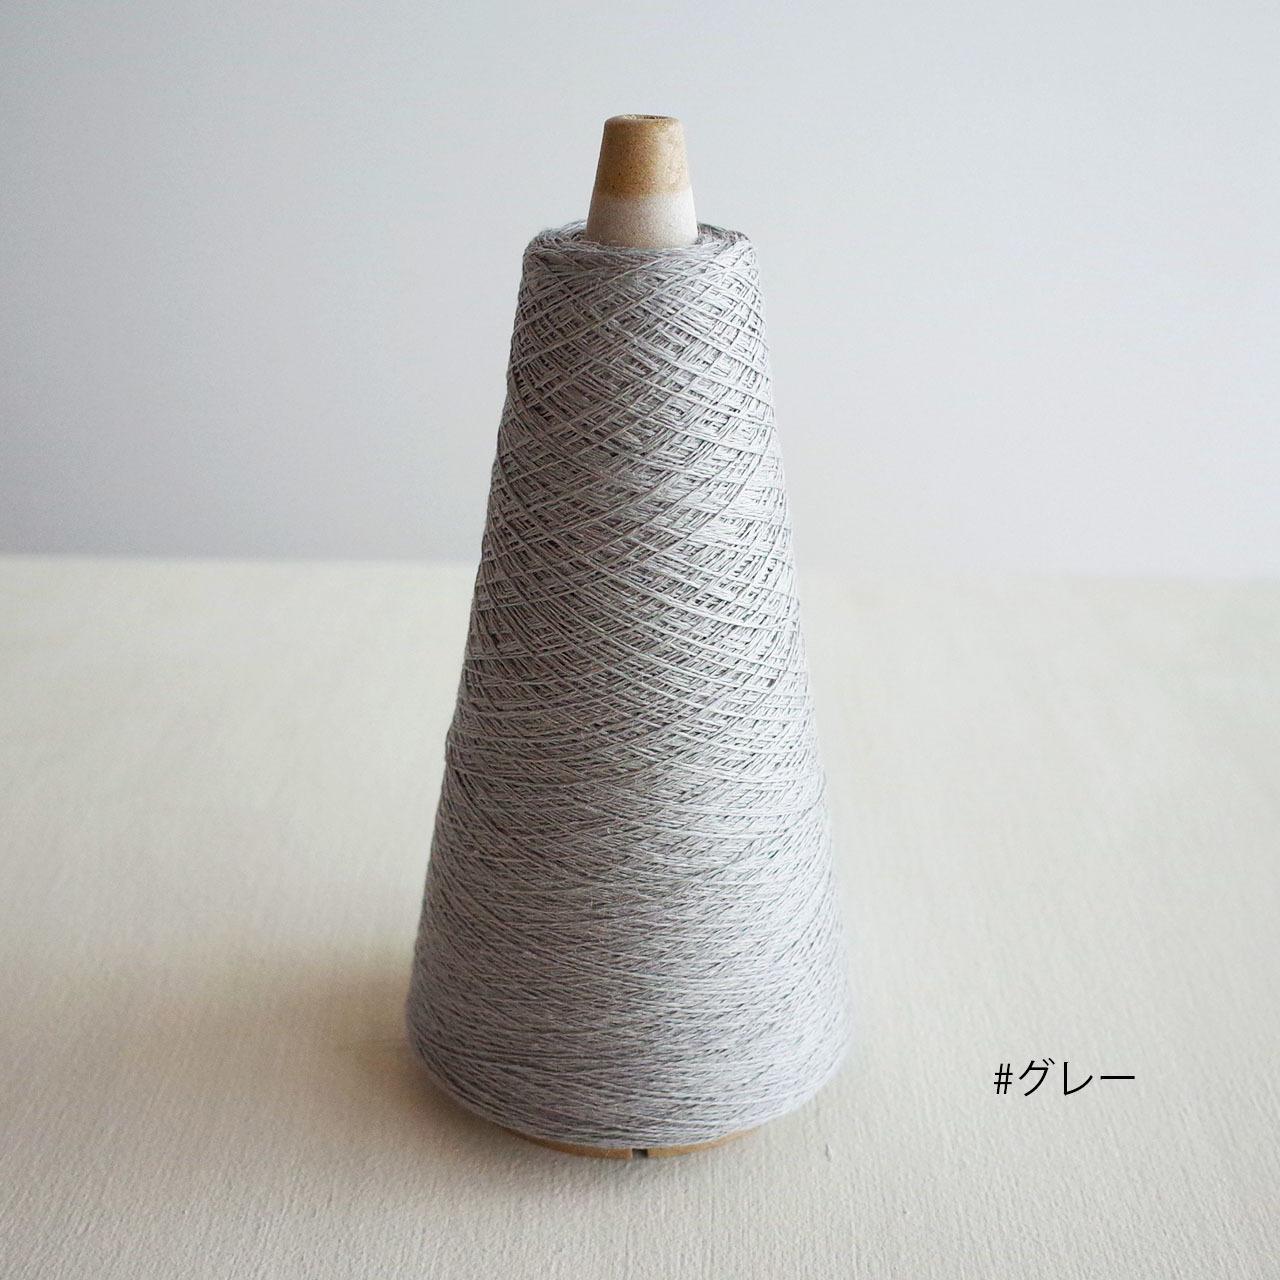 【編み物キット】モチーフつなぎのフレンチリネン三角ショール(糸:No.19)